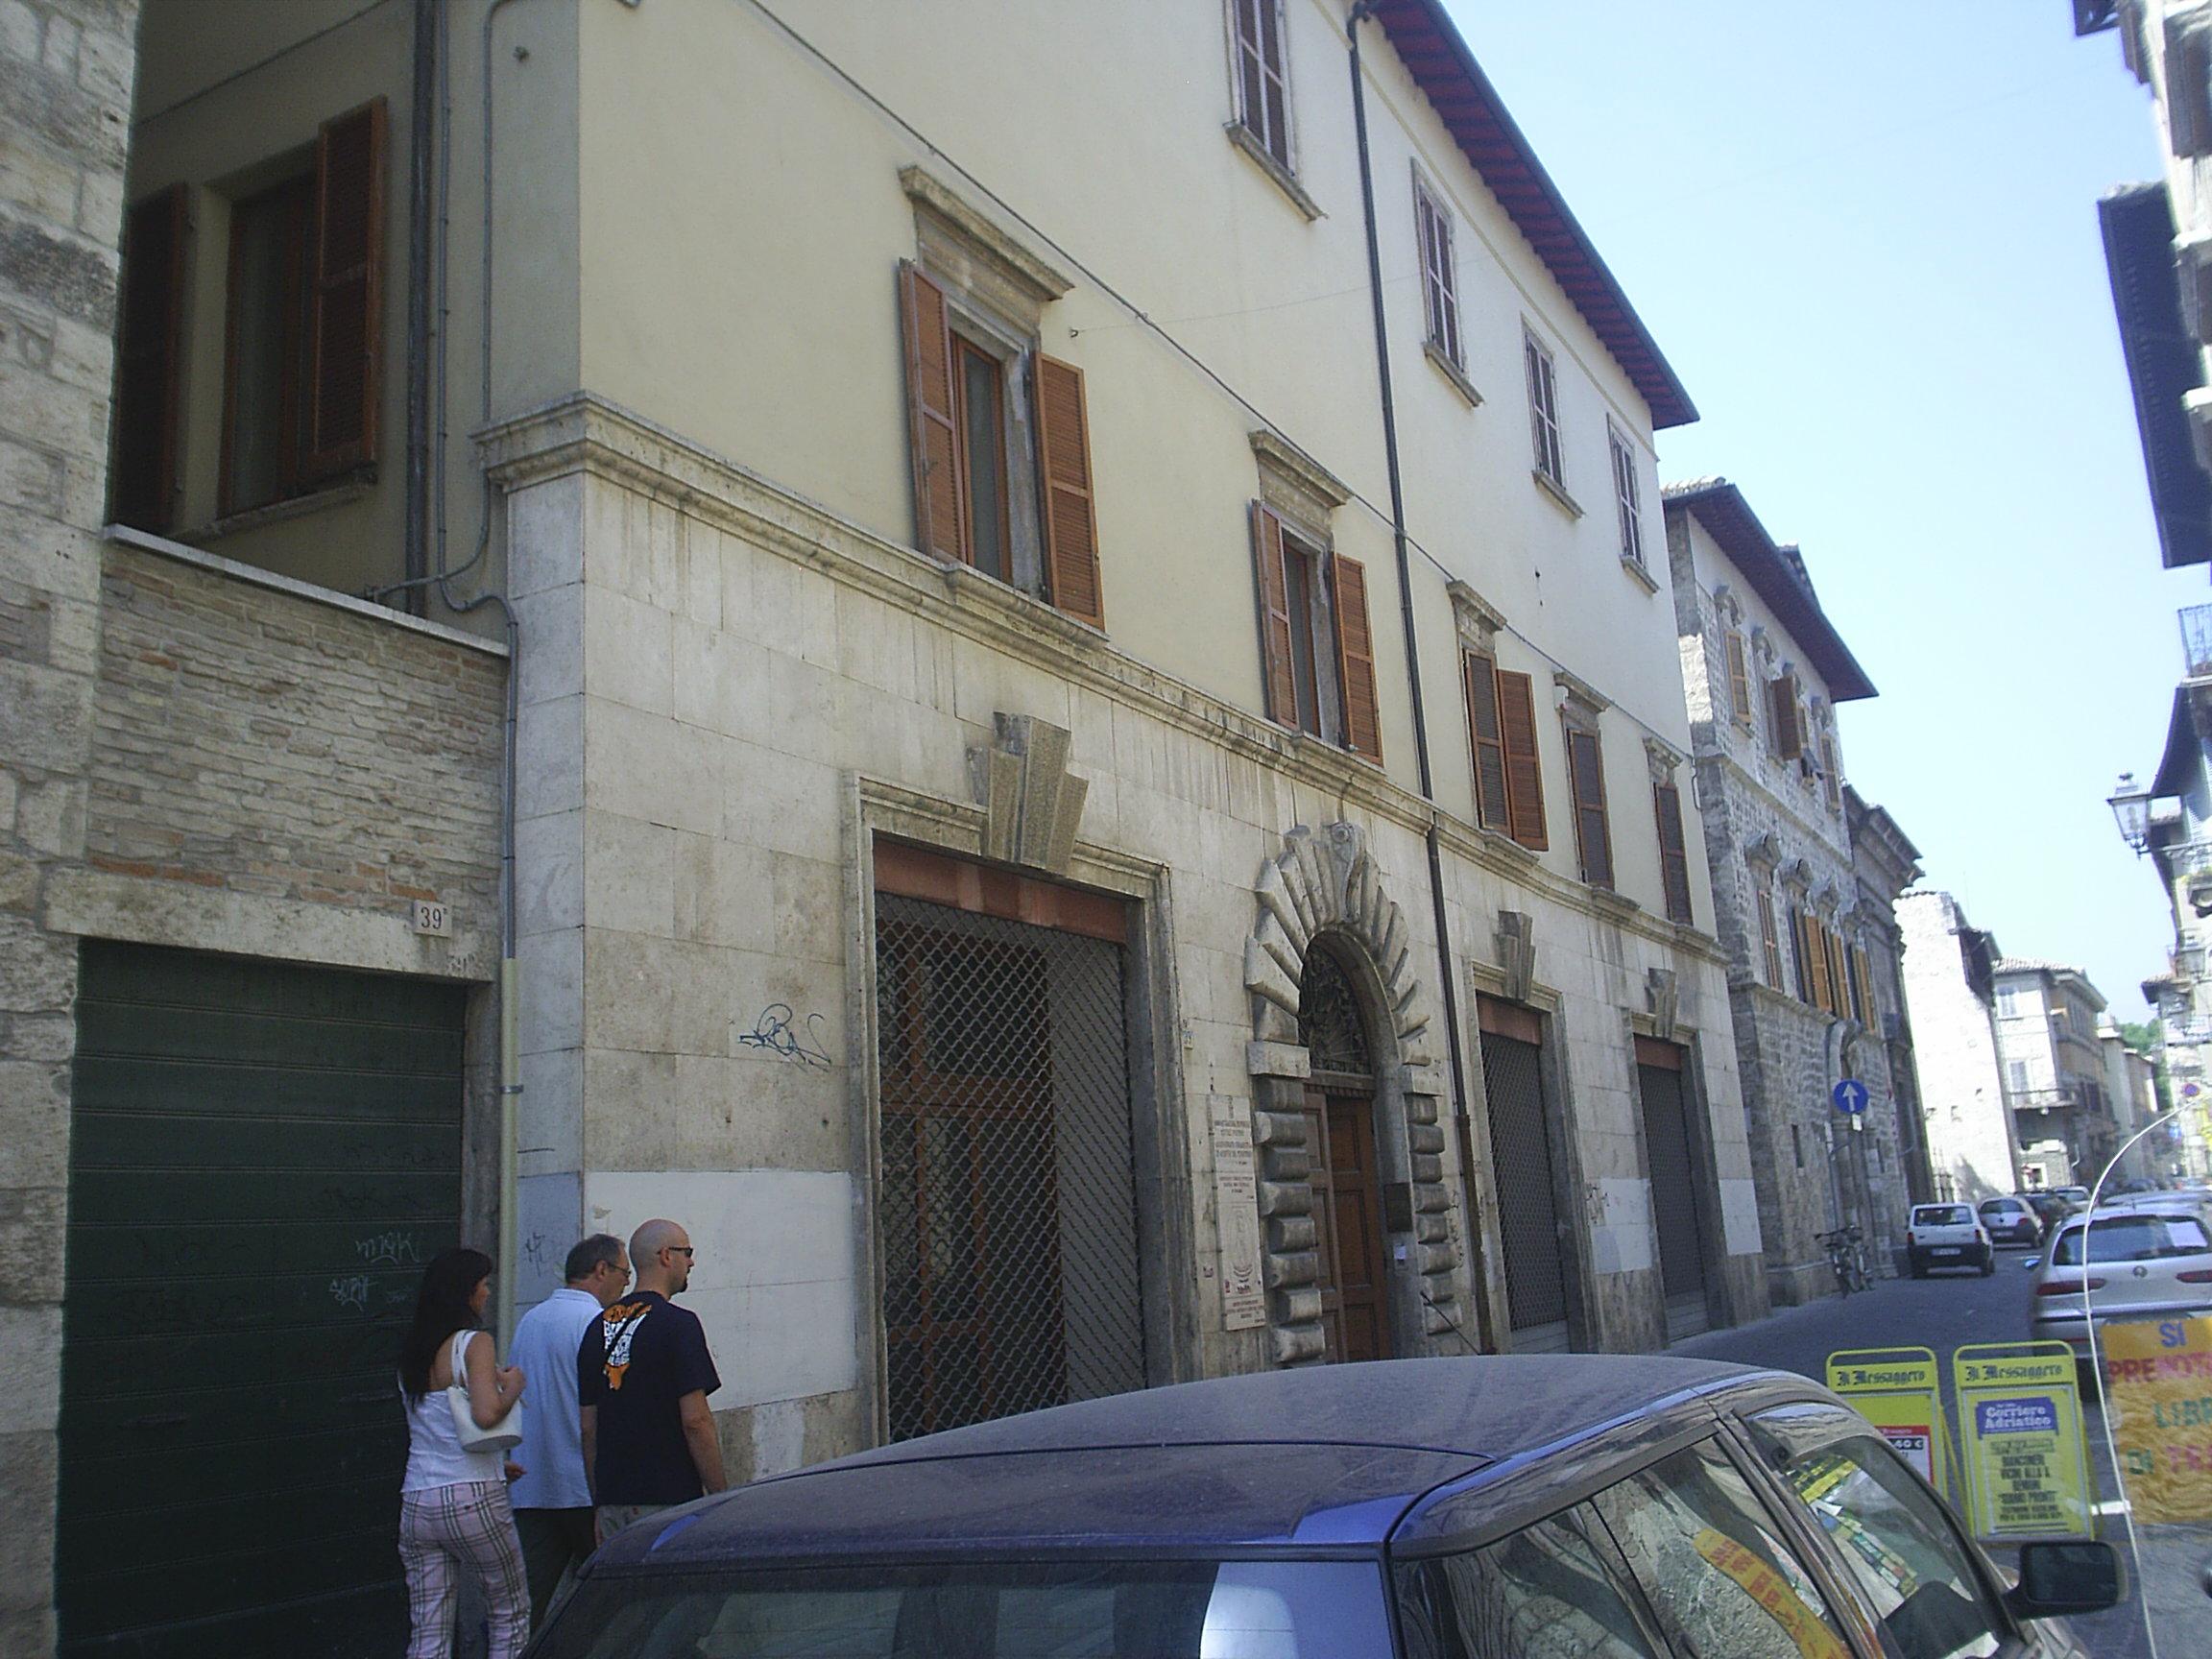 Provincia - Sede C.so Mazzini